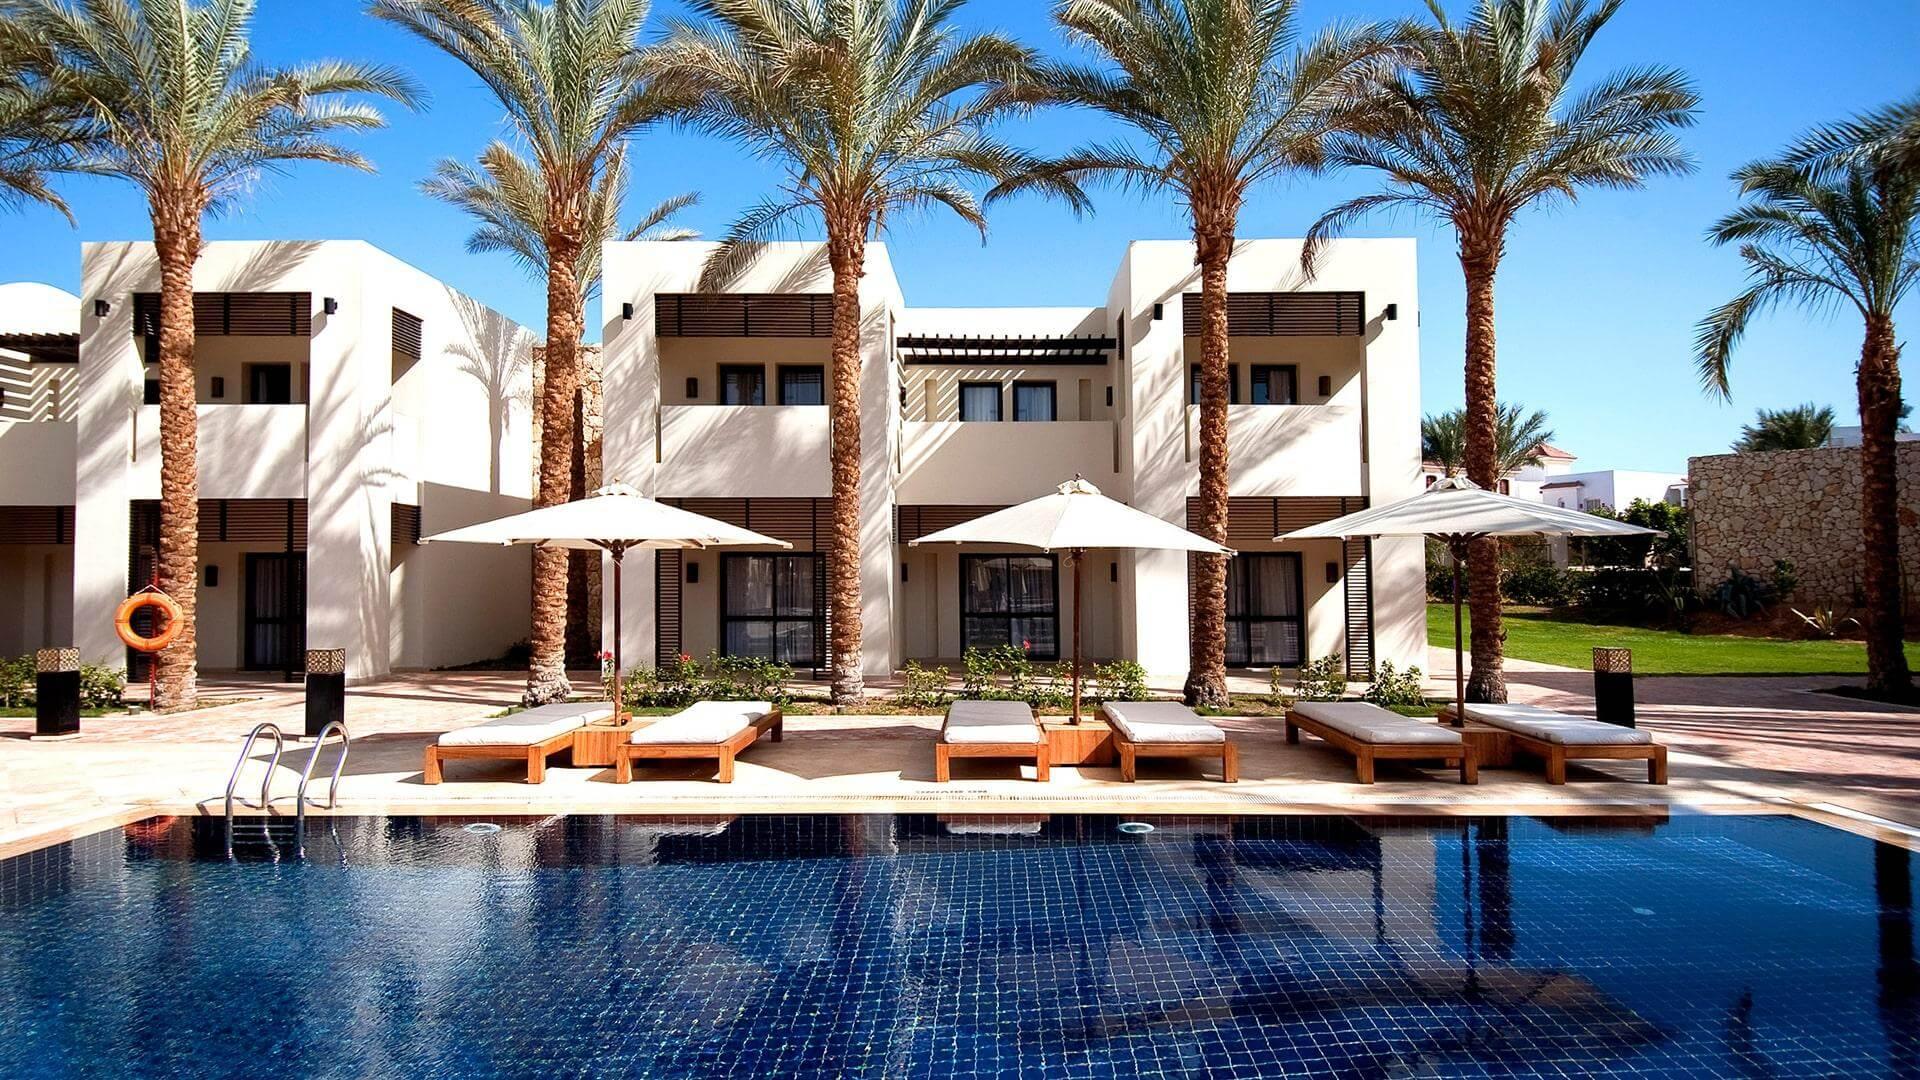 Фото отеля Sentido Reef Oasis Senses Resort 5* в Шарм-эль-Шейхе